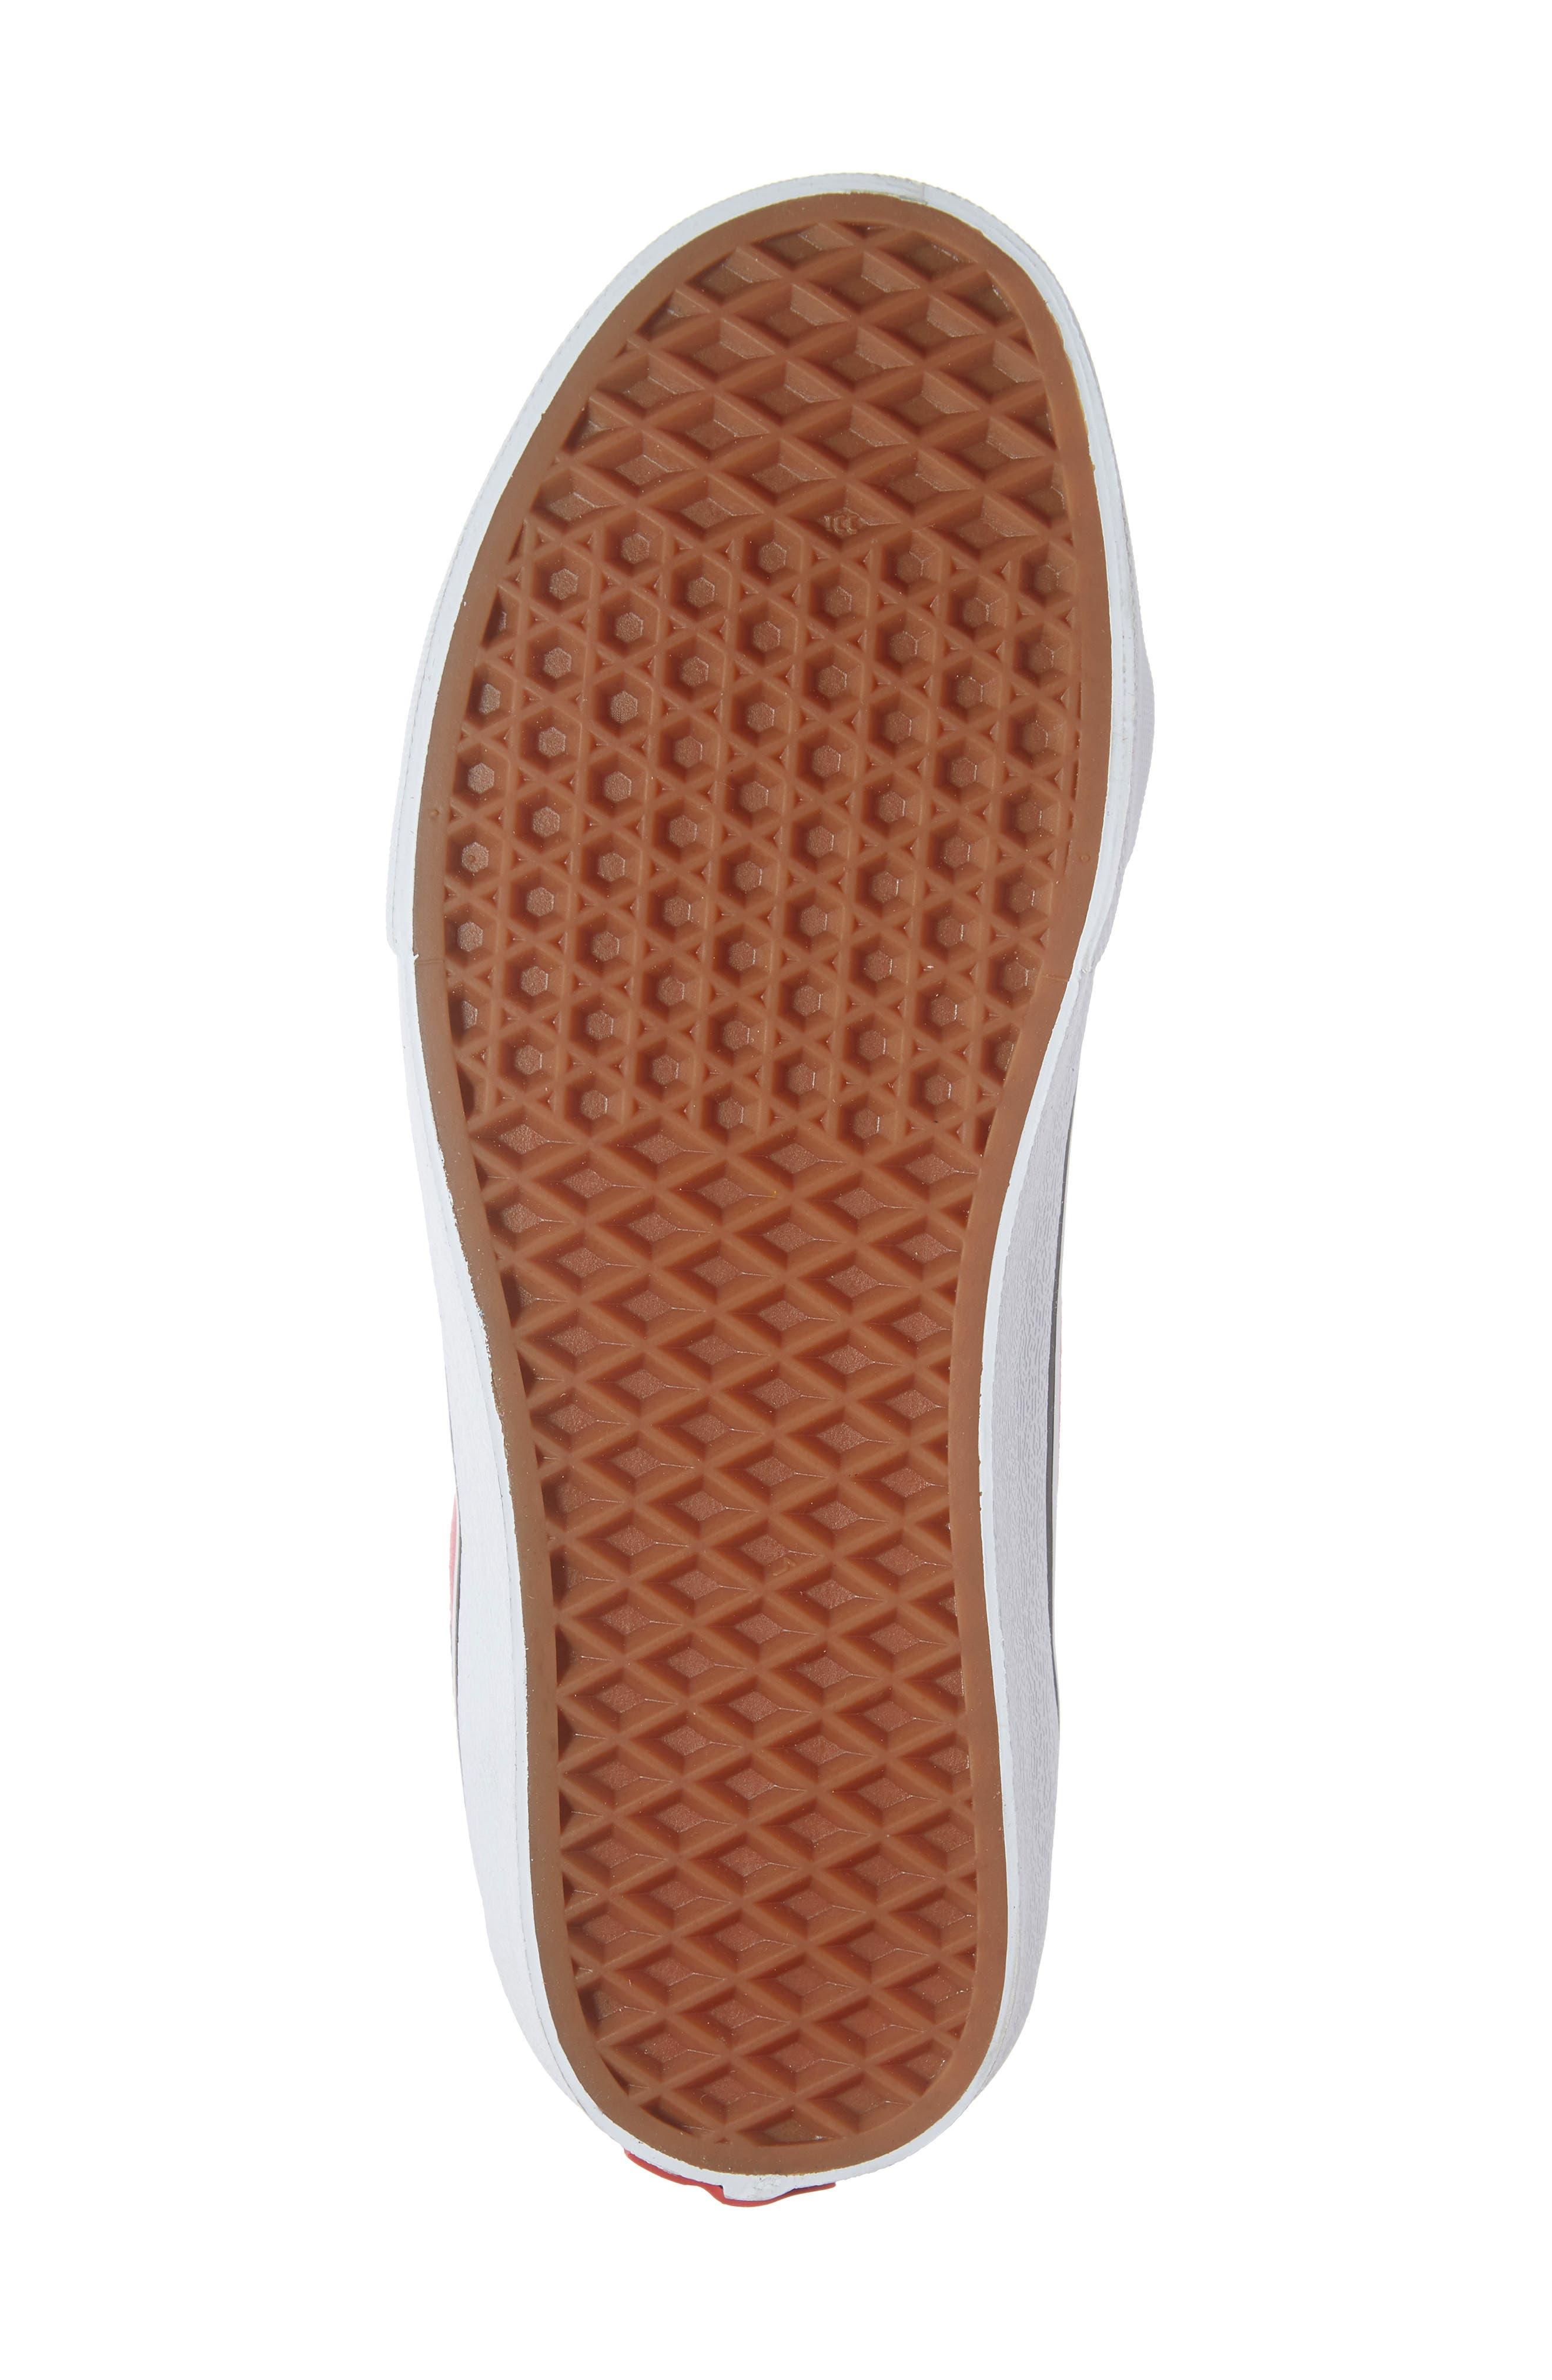 VANS,                             Sk8-Mid Reissue Sneaker,                             Alternate thumbnail 6, color,                             660